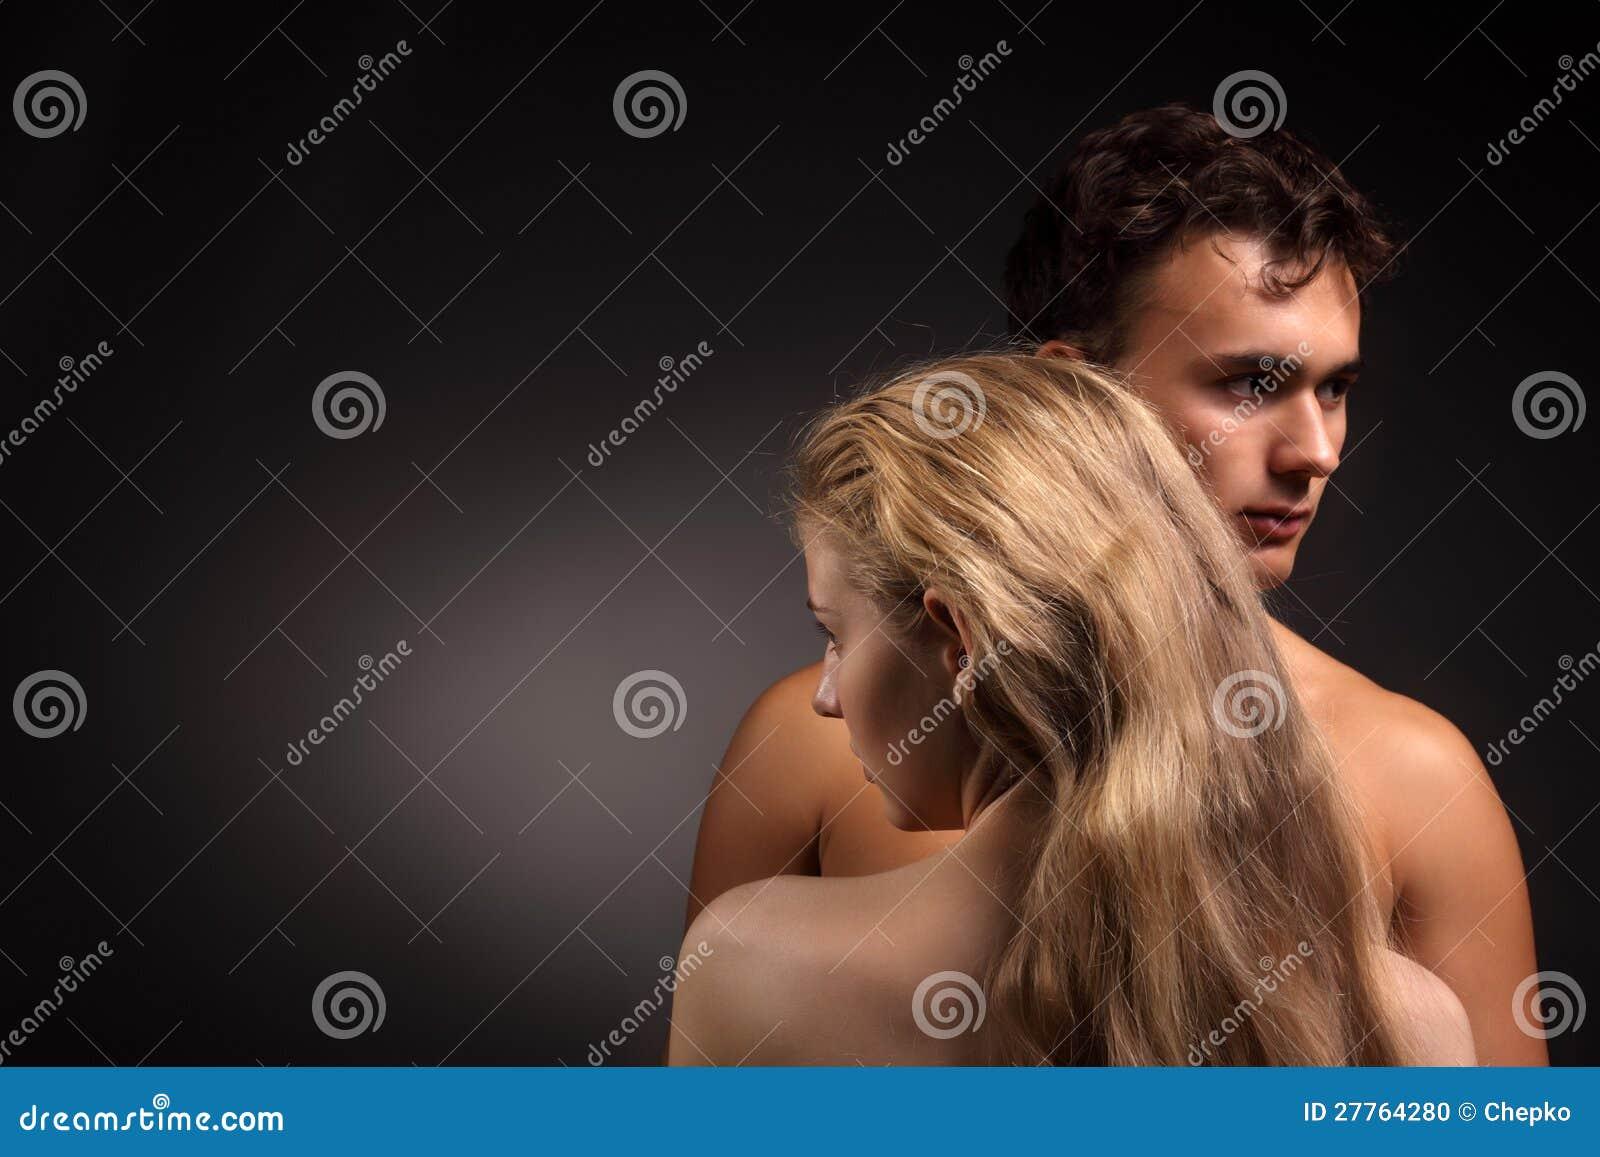 samtalsämnen dejt erotik för par